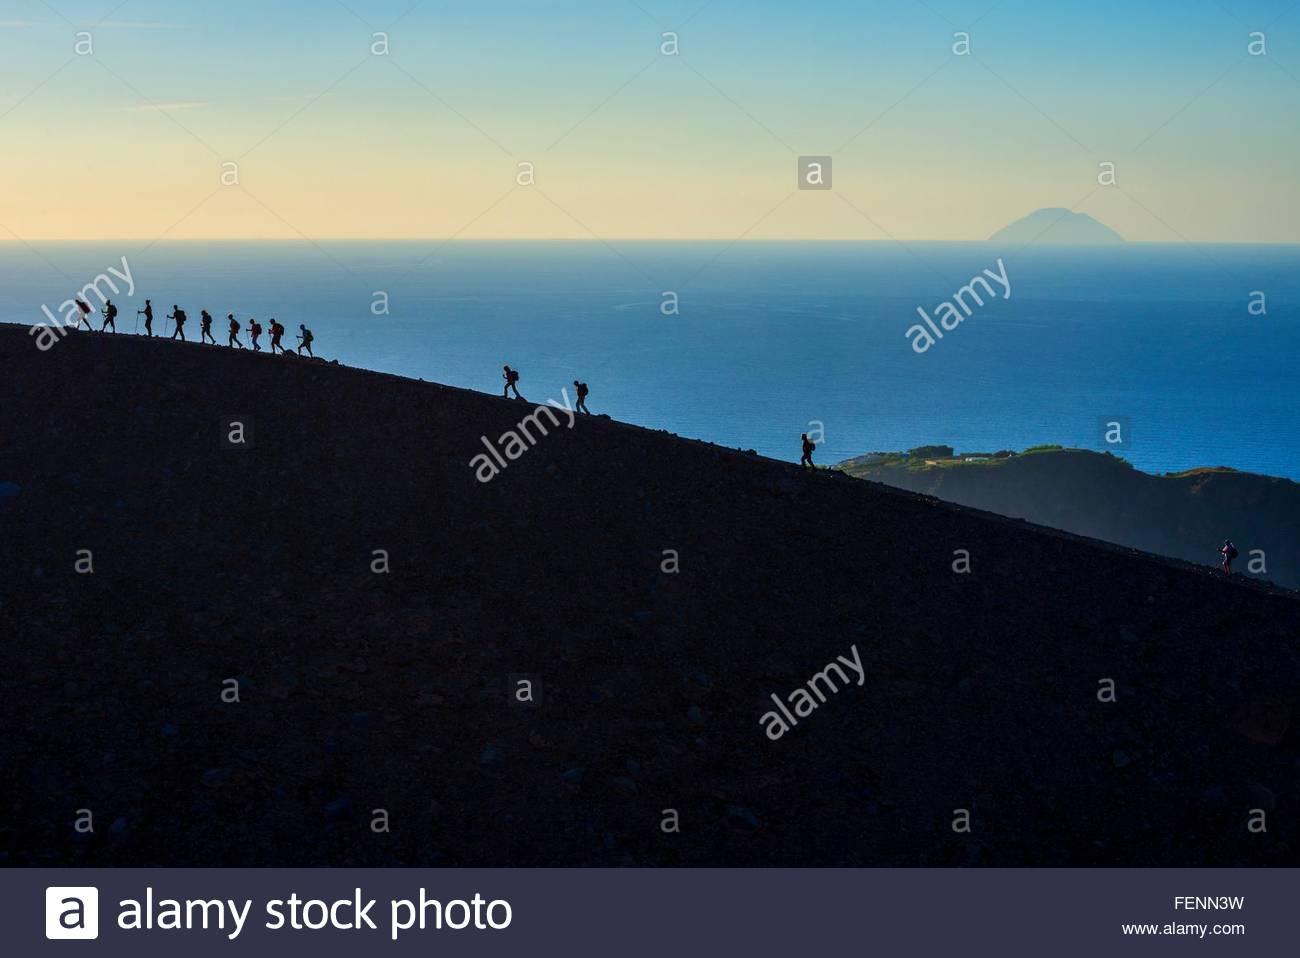 Große Gruppe von Silhouette Touristen zu Fuß Rand zu Gran Cratere Vulcano Insel Äolischen Inseln, Stockbild